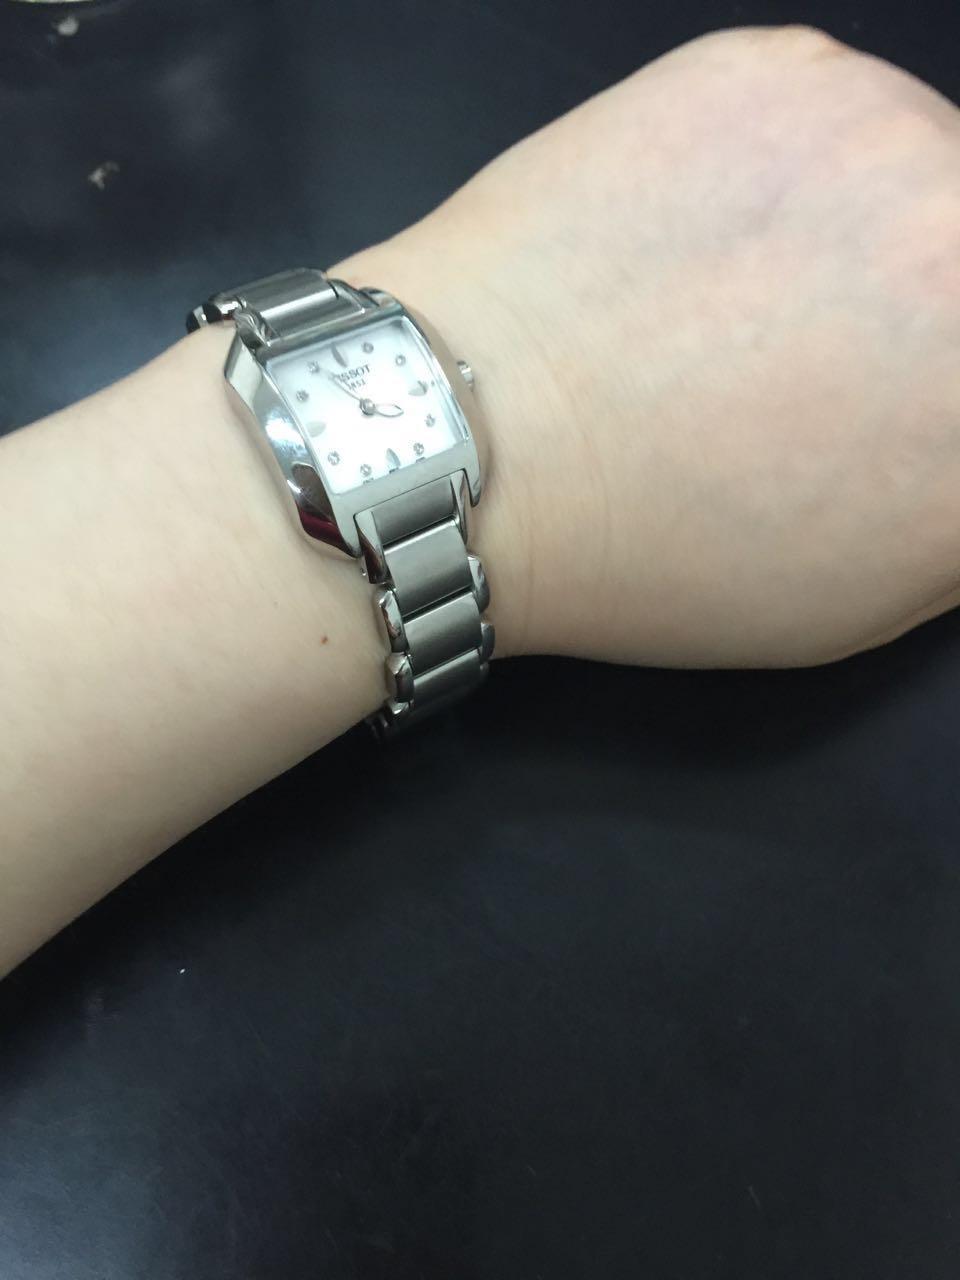 + sportwatch gps w/sensor 002100317 men